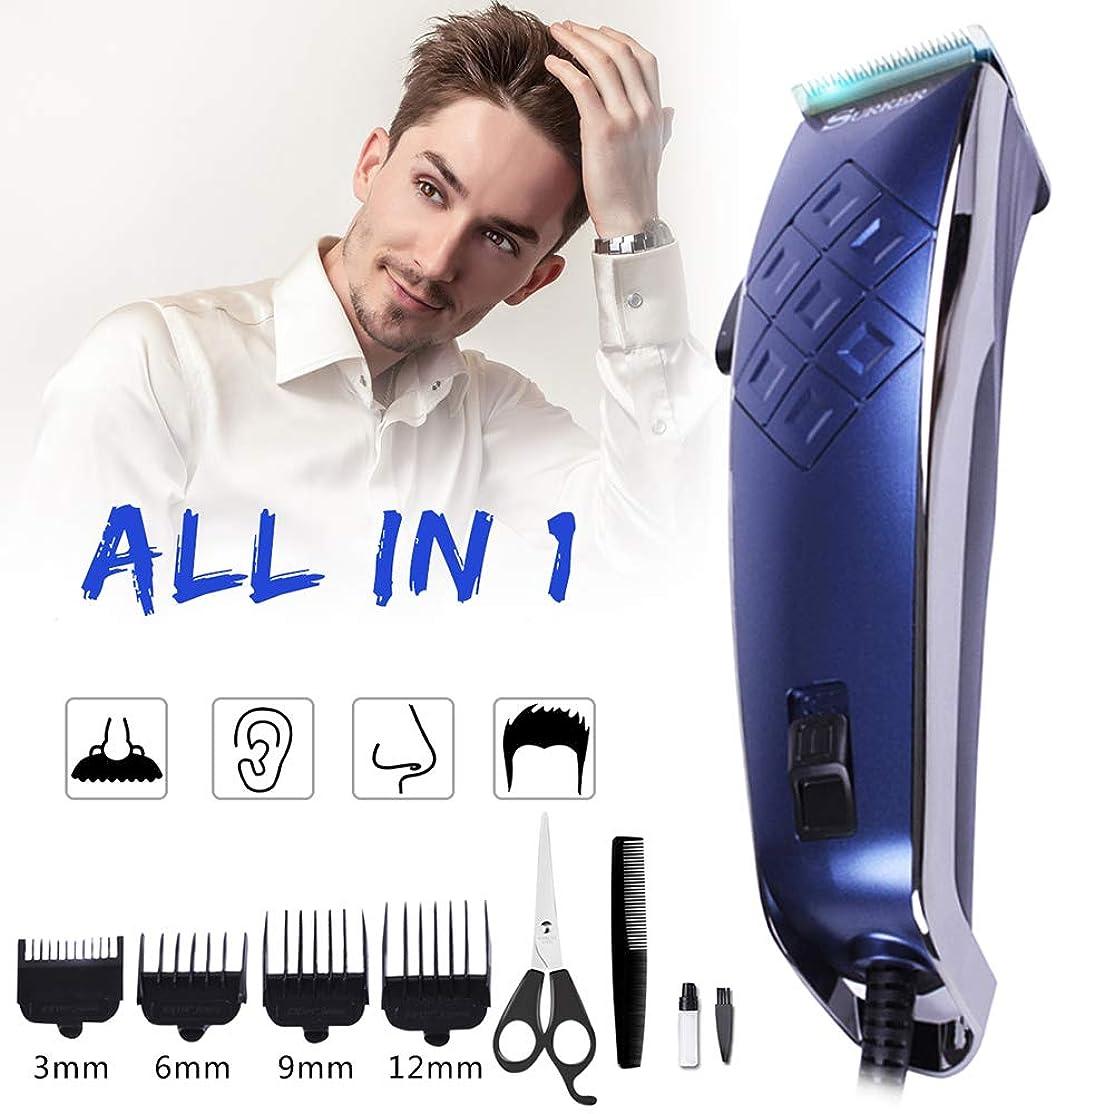 同情的虫を数える傾く調節可能な充電式バリカン電気有線ヘアトリマープロフェッショナルファミリーホーム理髪散髪機